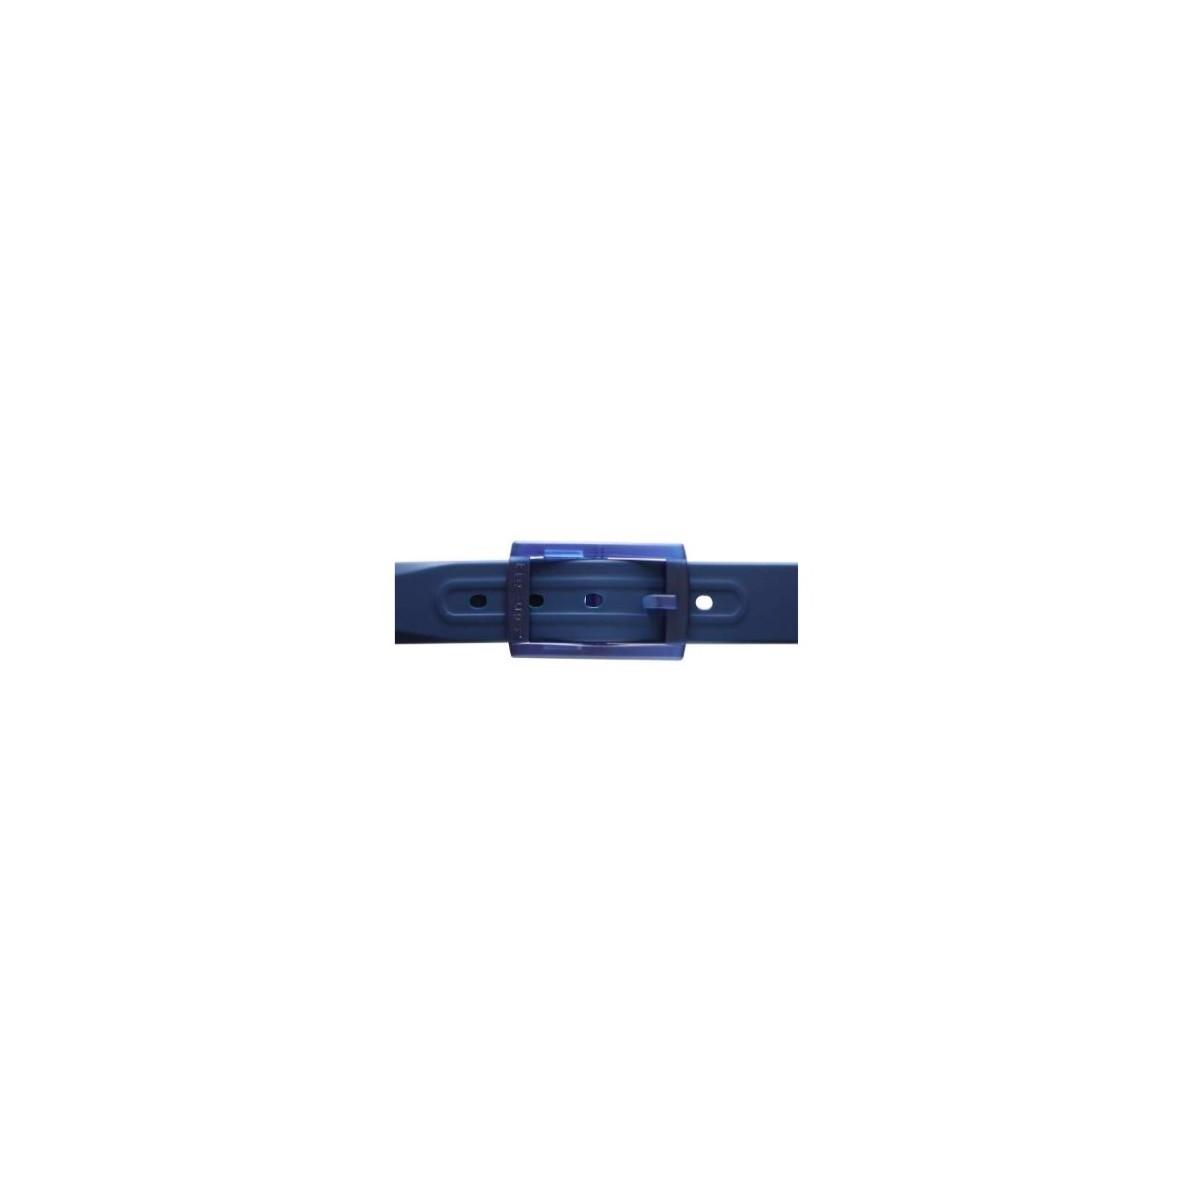 Cintura Tie-ups - Cintura basic mono color